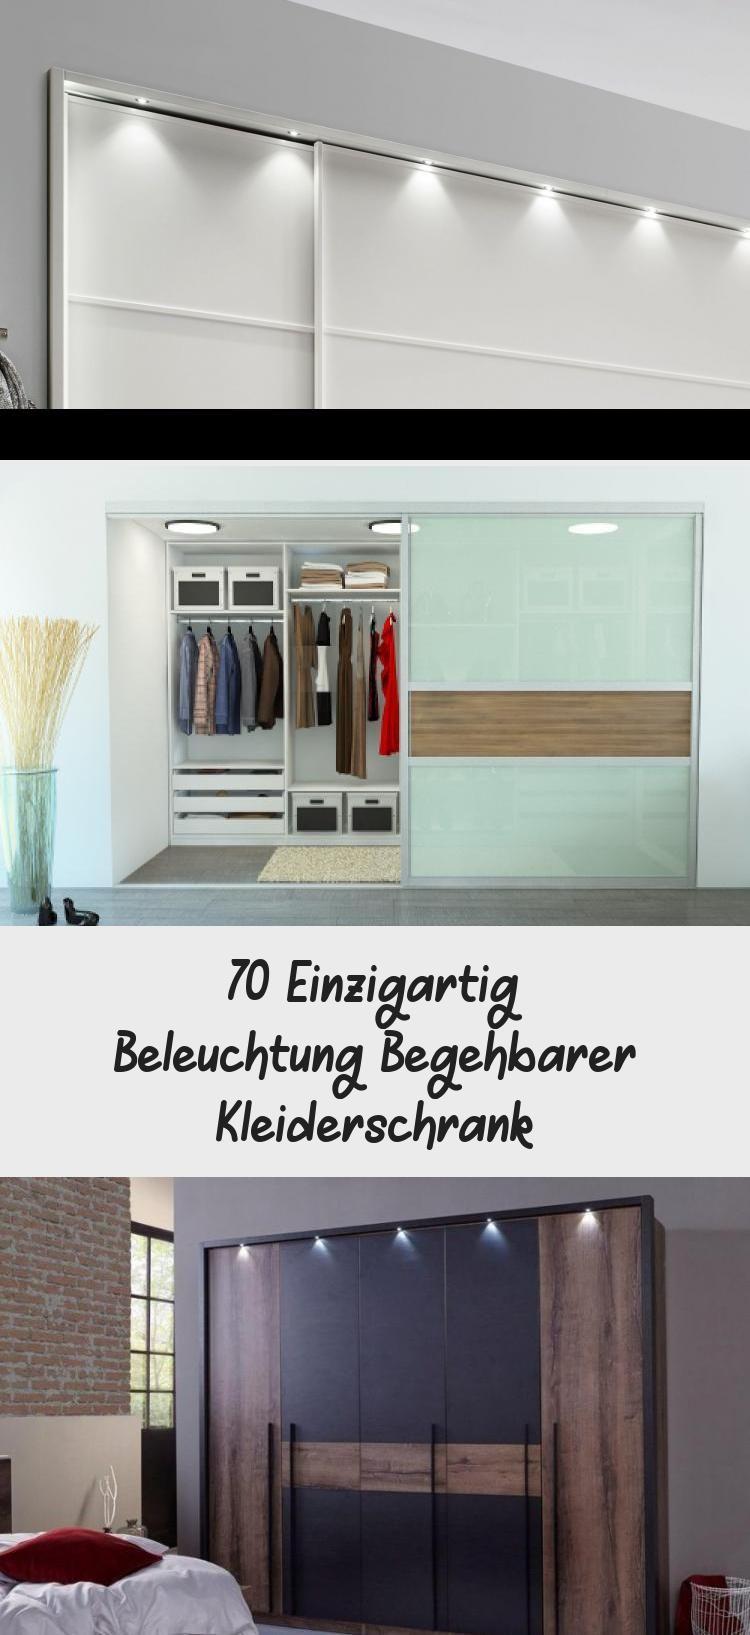 70 Einzigartig Beleuchtung Begehbarer Kleiderschrank Design Outdoor Decor Home Decor